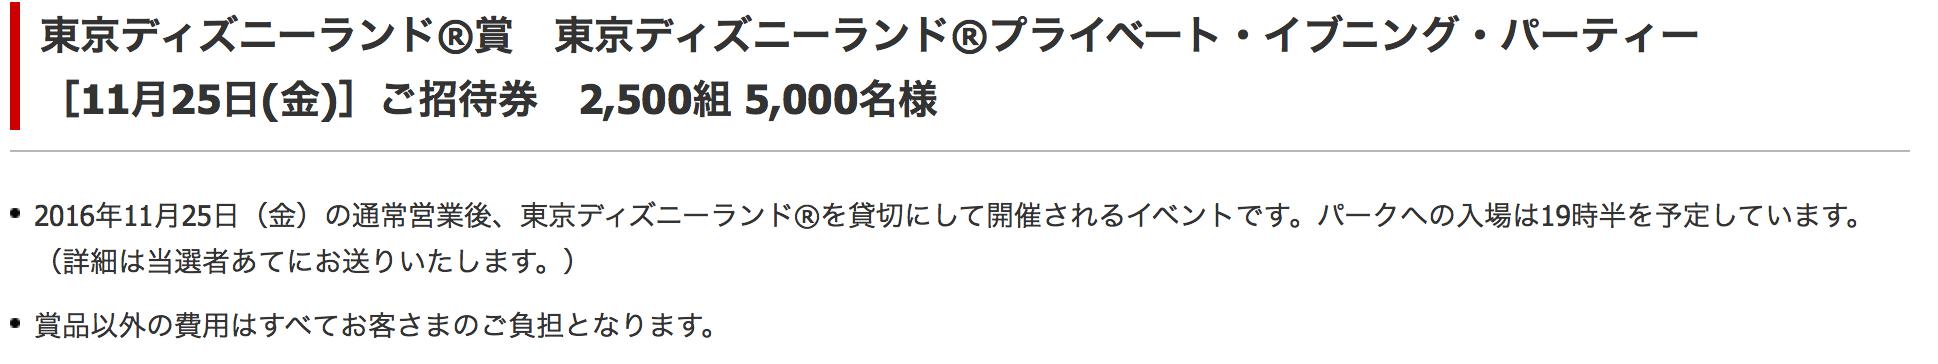 スクリーンショット 2016-05-20 22.39.10